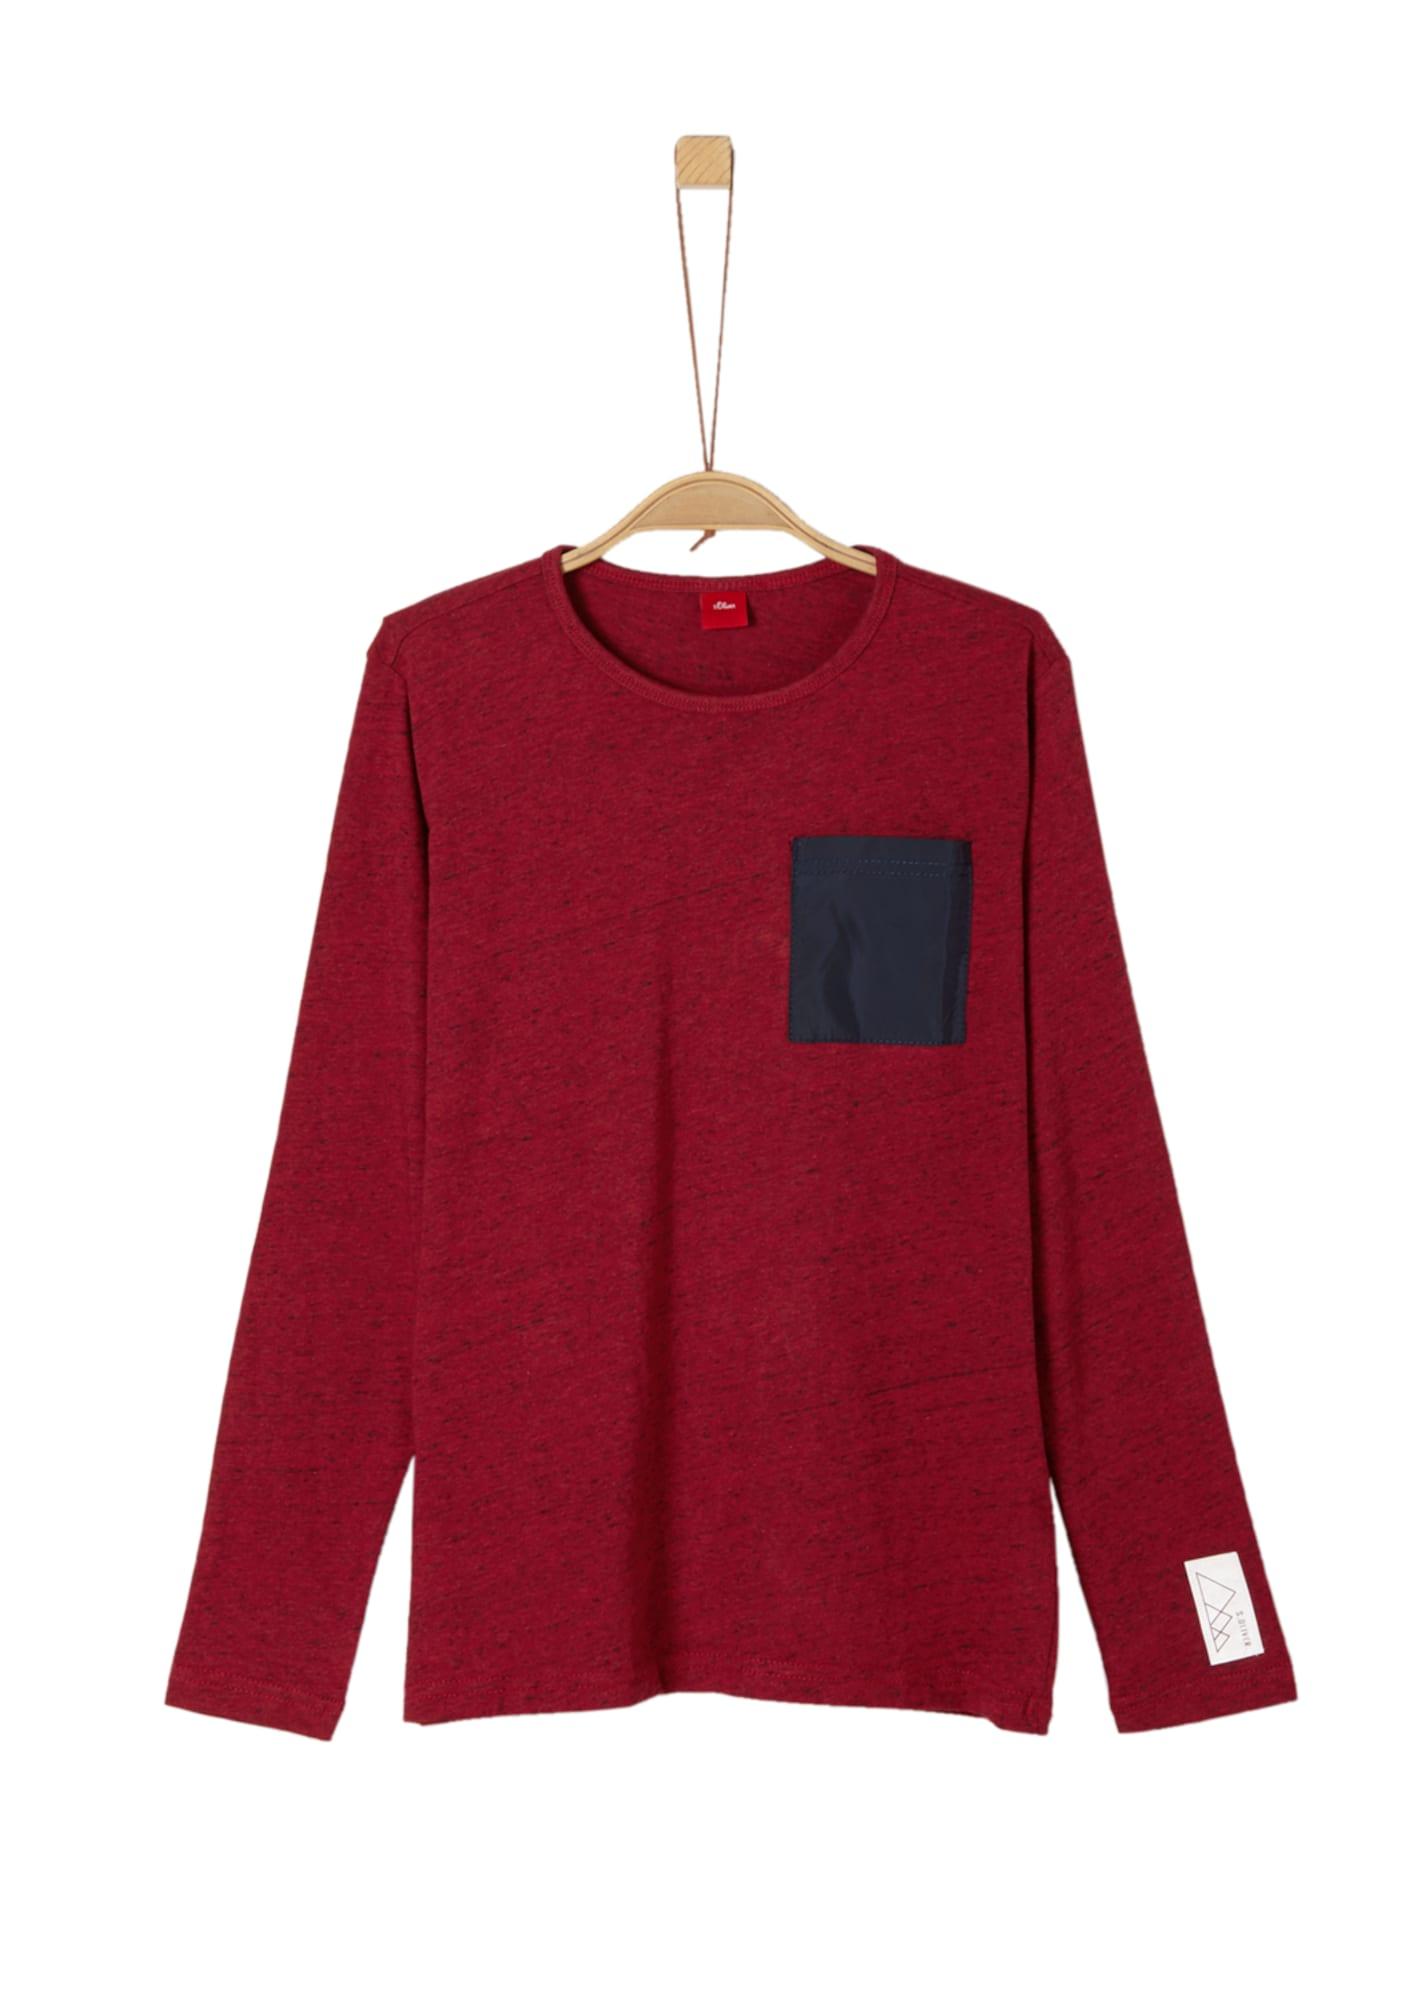 Jungen,  Kinder,  Kinder S.Oliver Shirt blau, grau, rot,  schwarz | 04057318234180